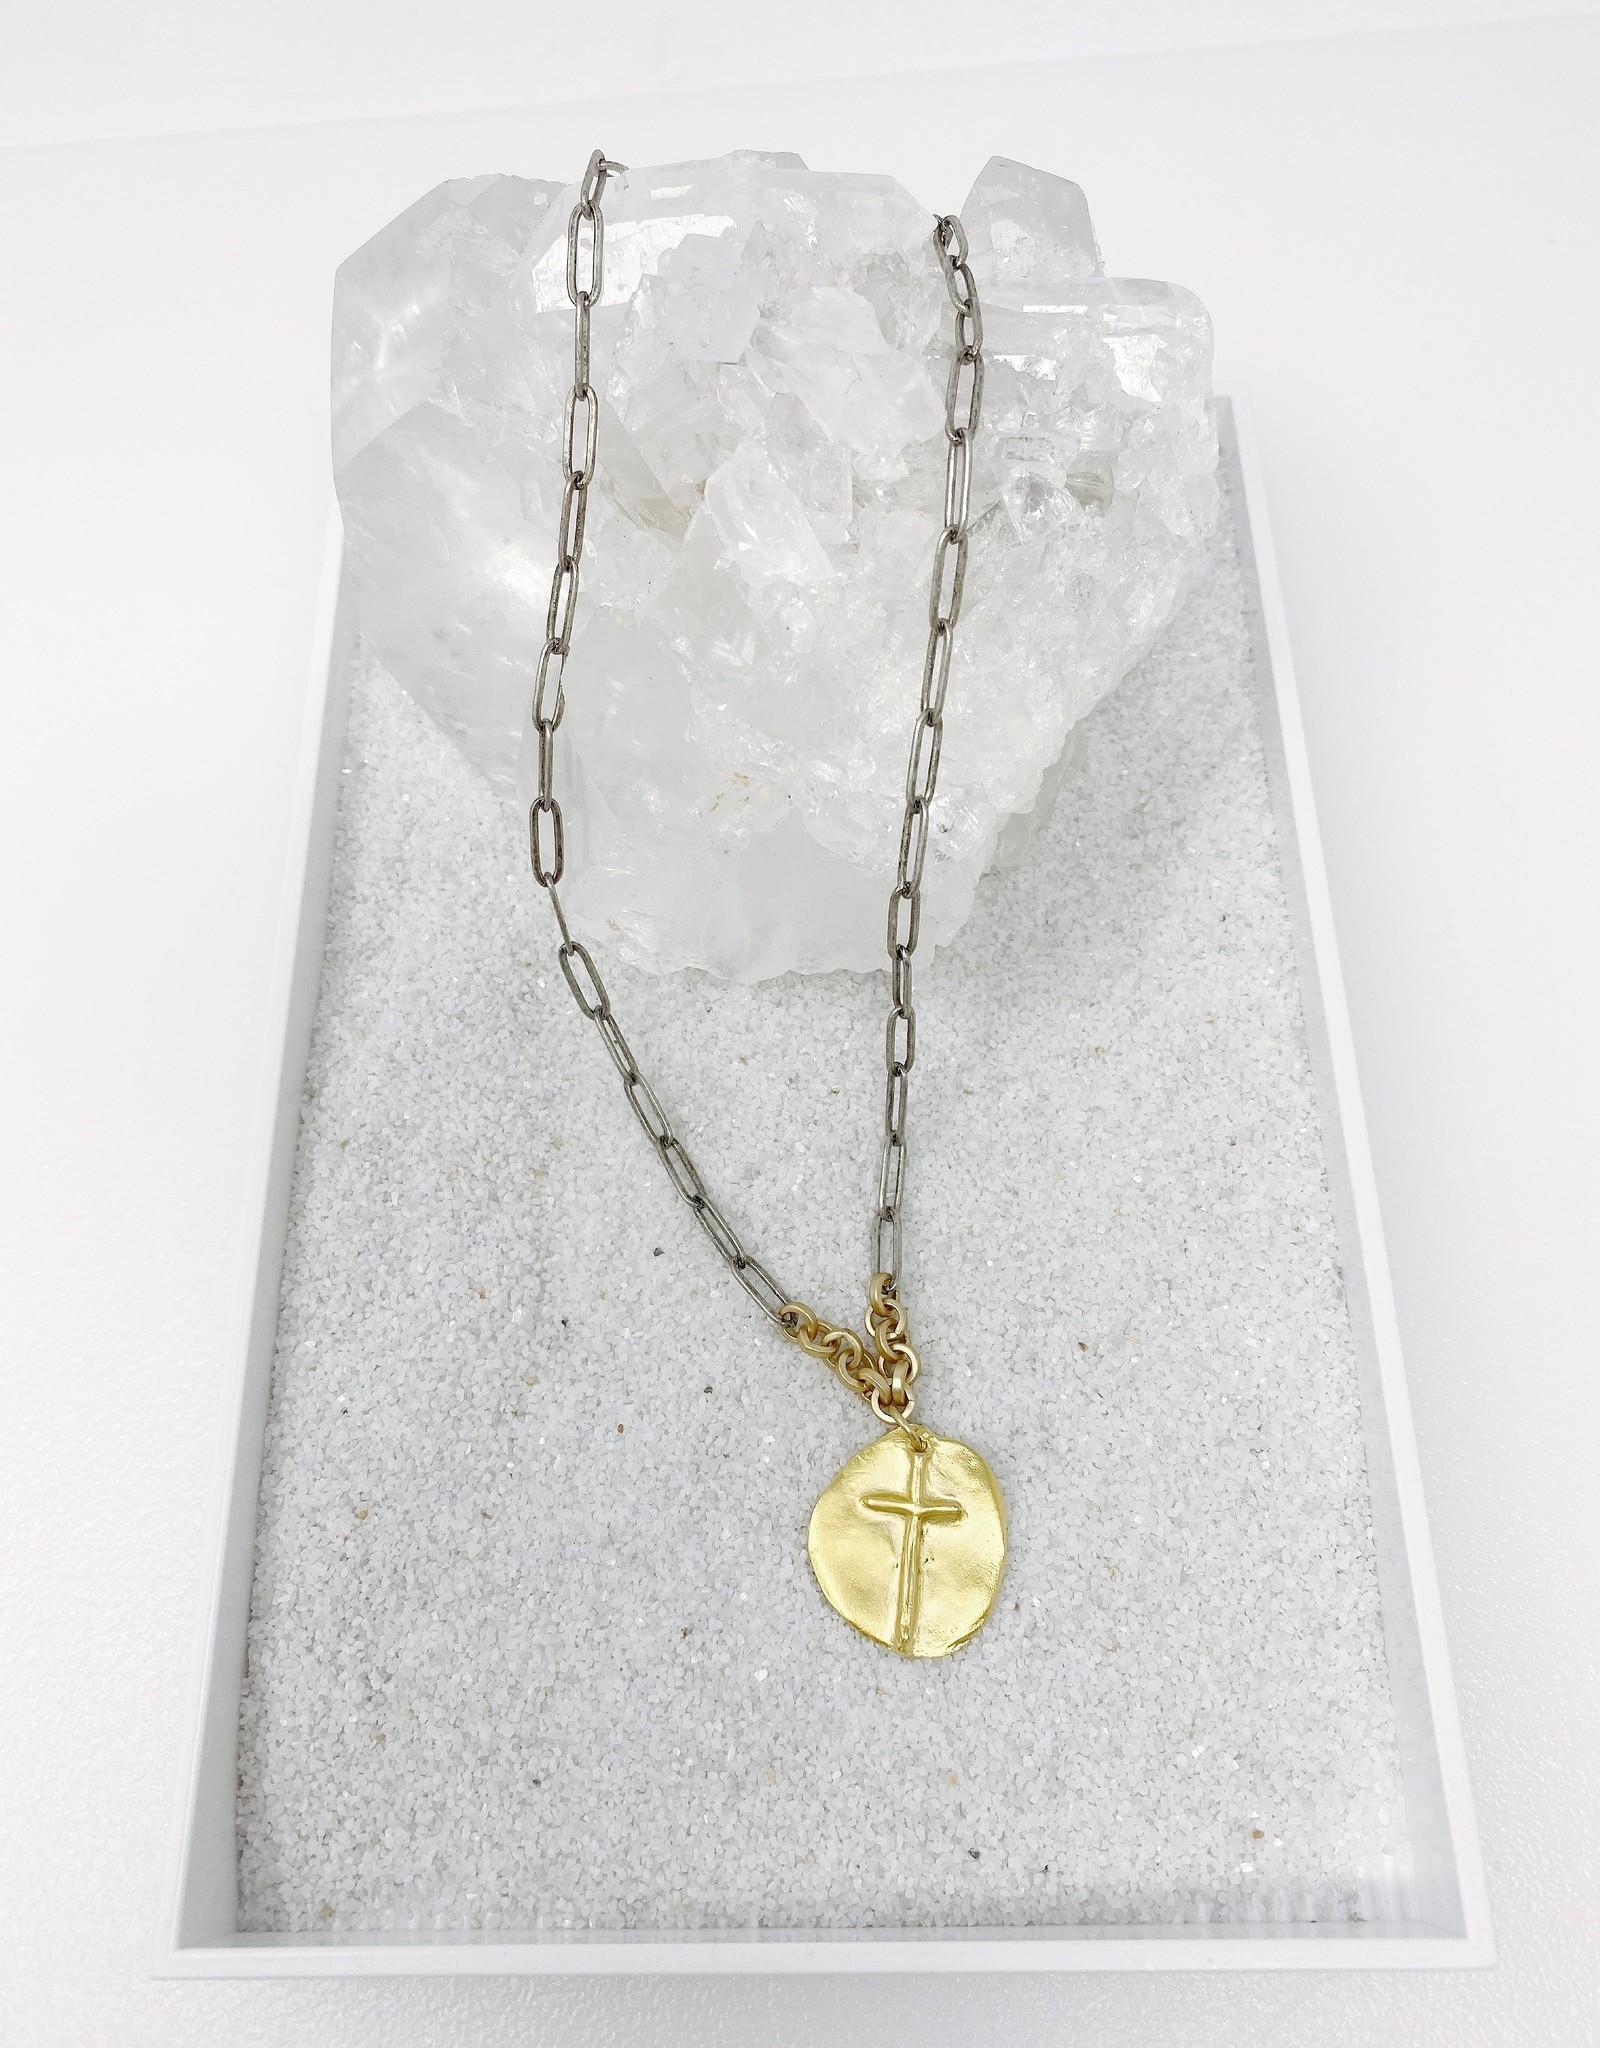 Soul Serenade necklace